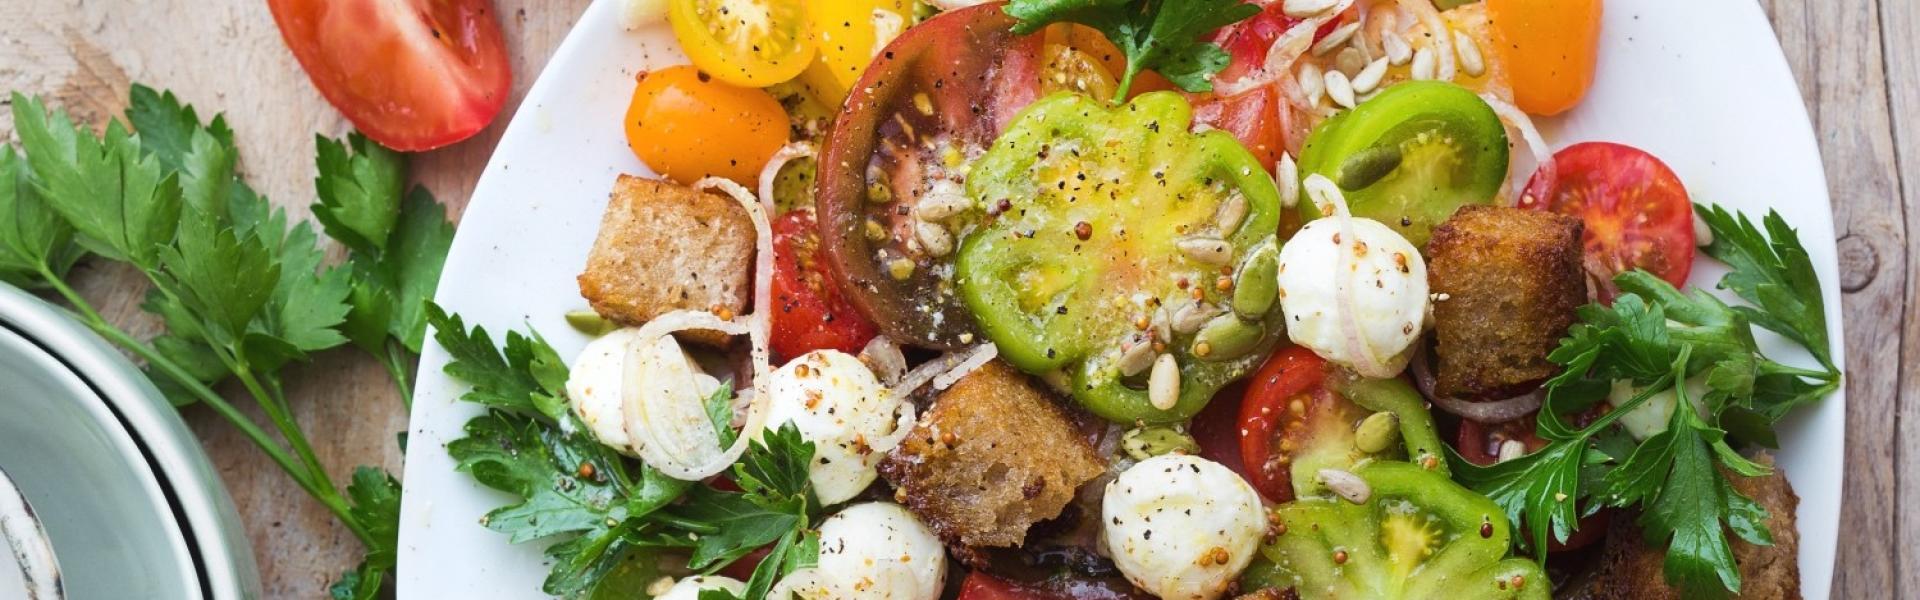 Tomaten-Brot-Salat mit Mozzarella auf großer weißer Platte angerichtet.